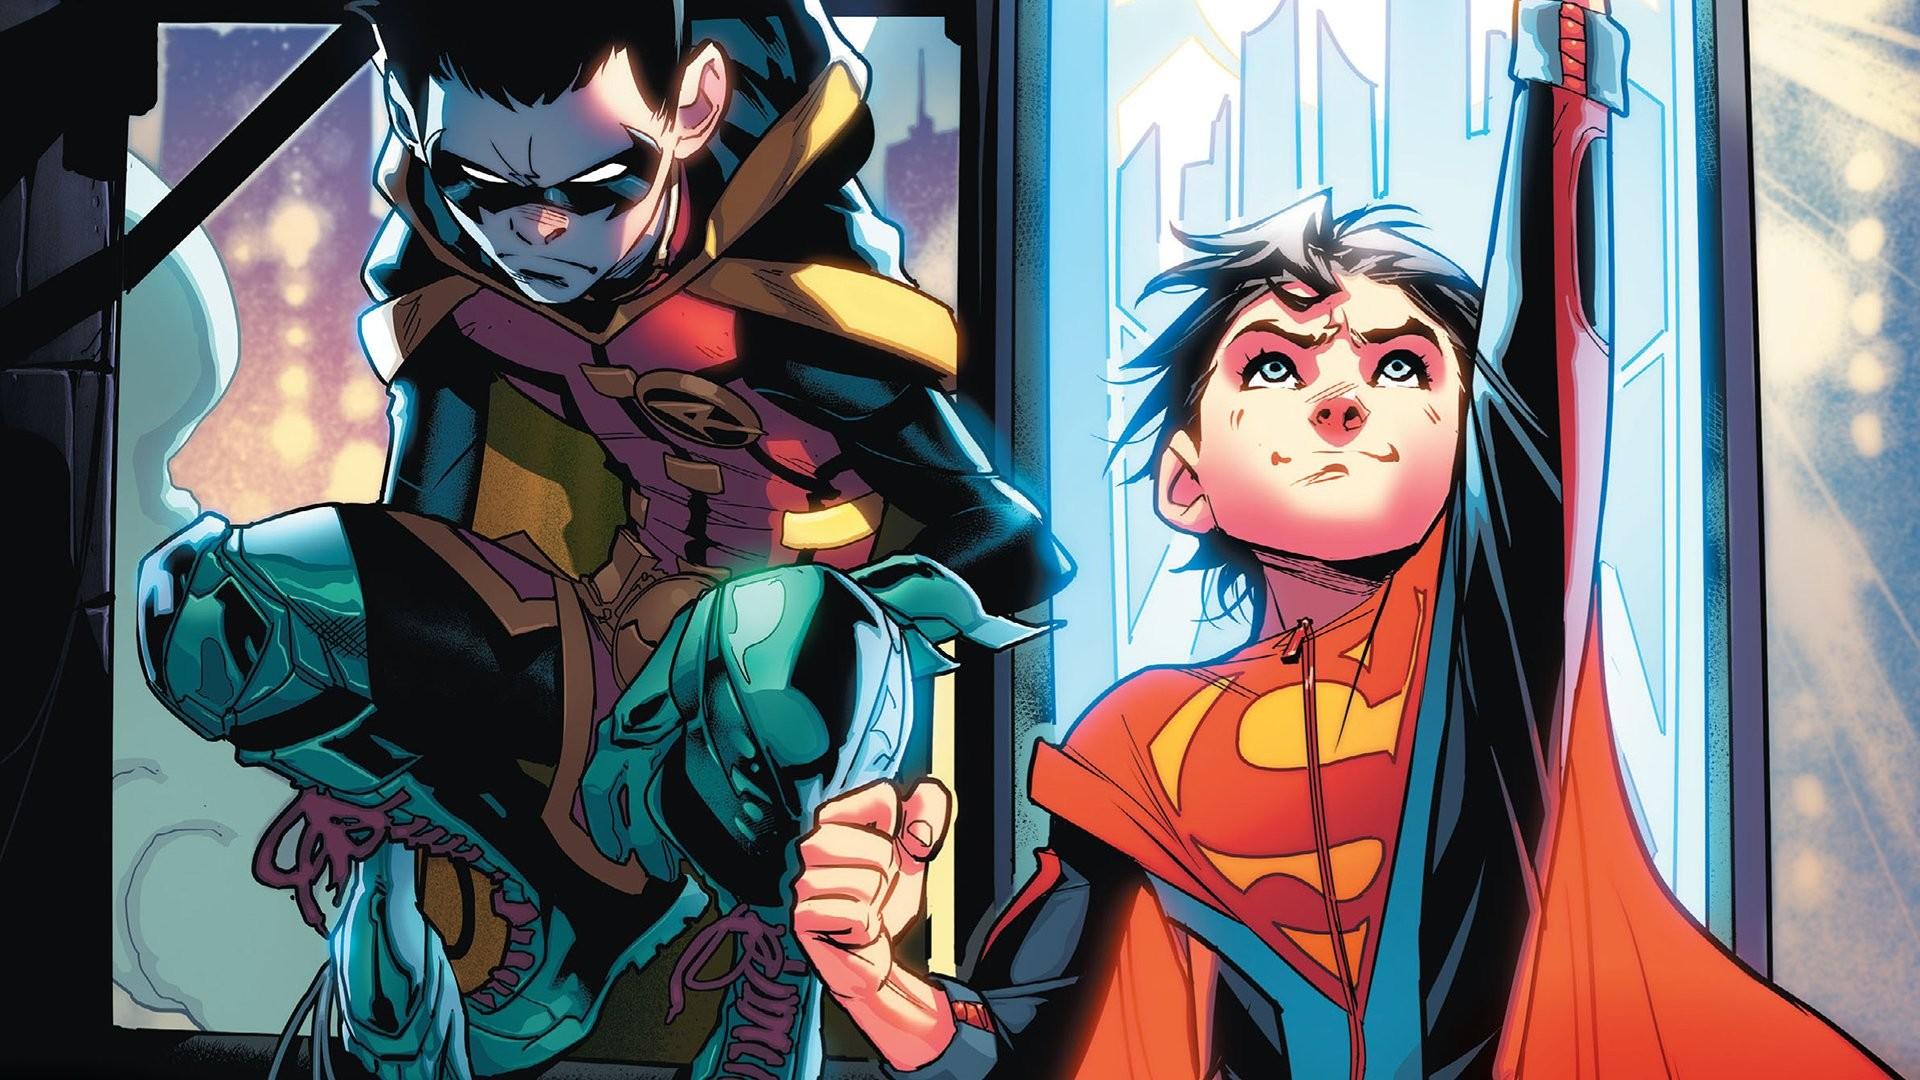 Res: 1920x1080, Comics - Super-Sons Superboy Robin (DC Comics) Damian Wayne Superman Batman  DC